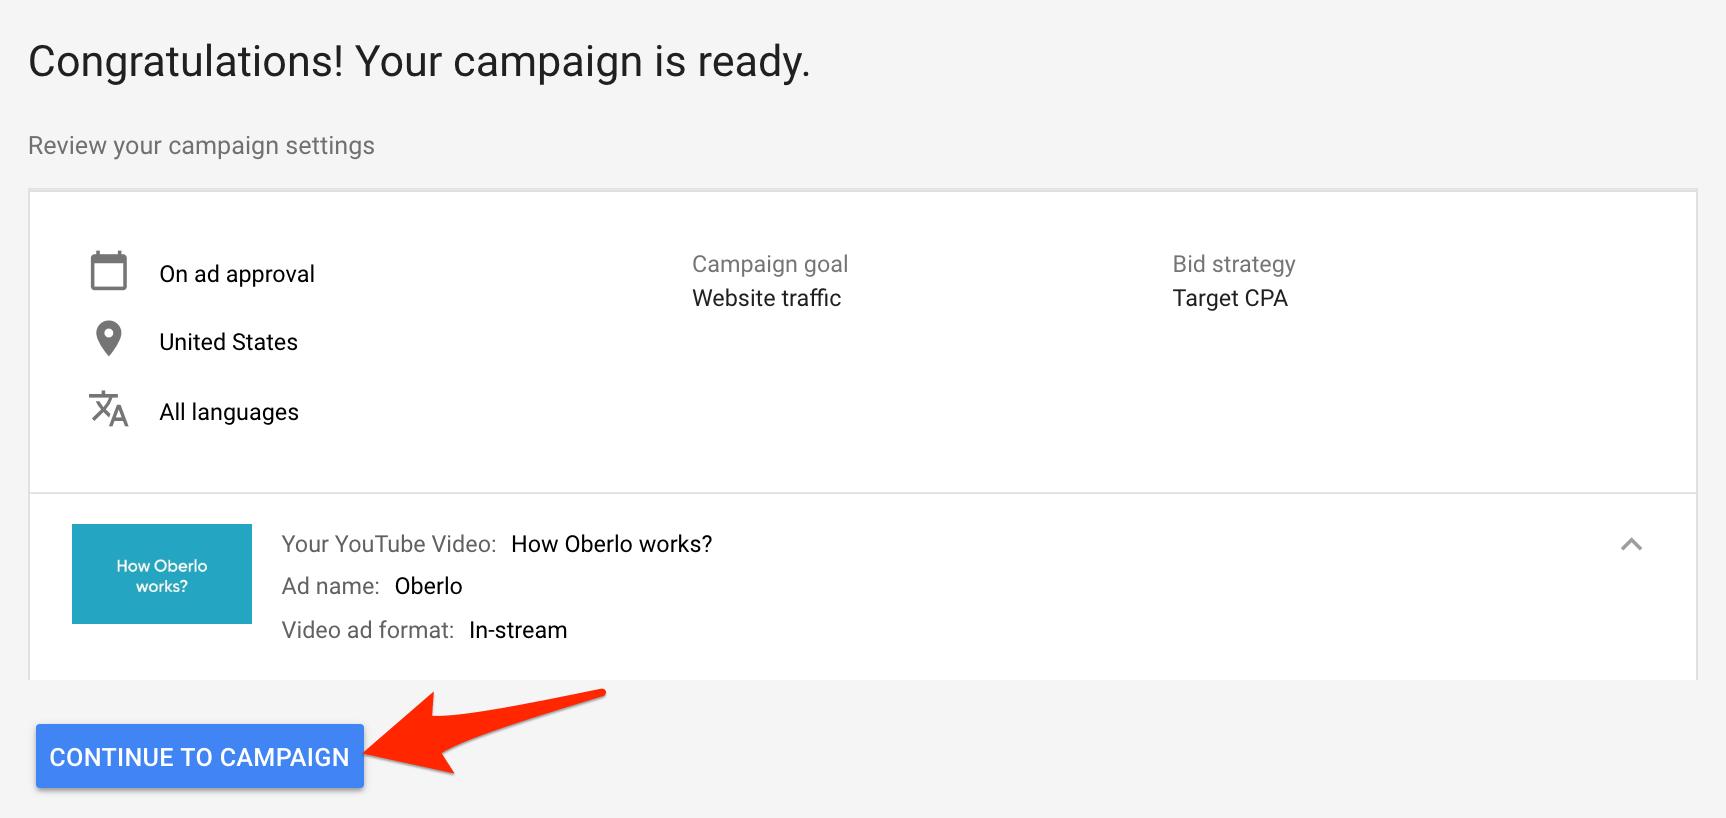 Thiết lập thành công chiến dịch quảng cáo YouTube